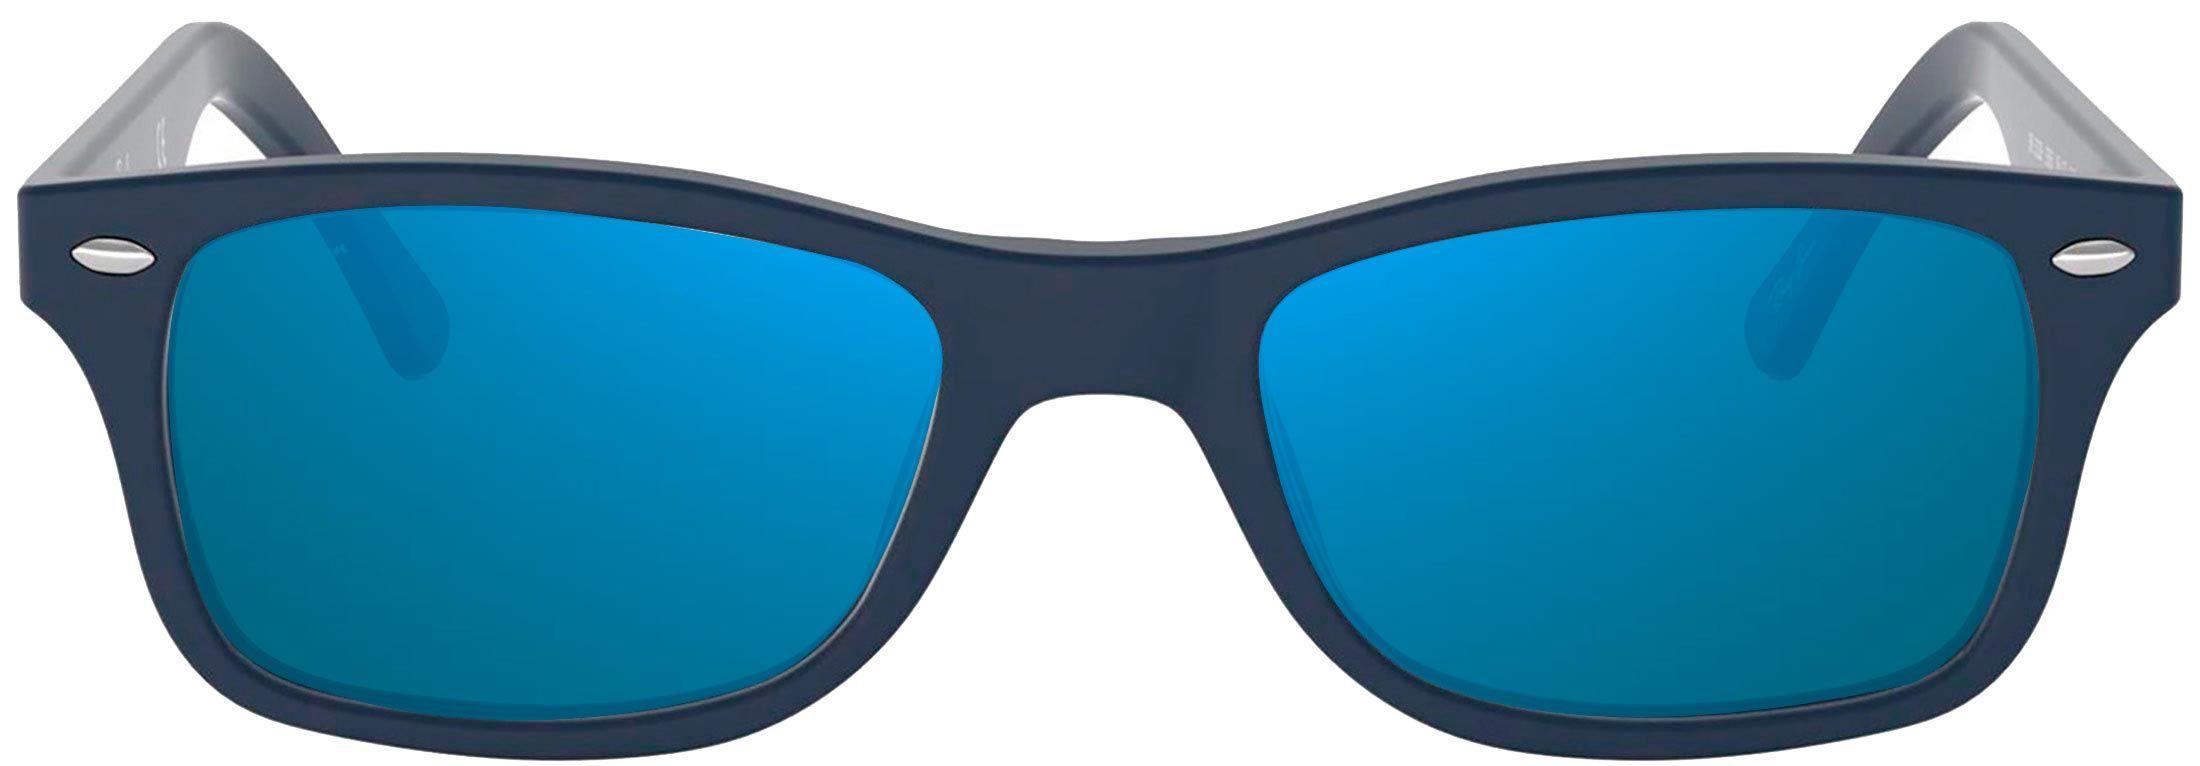 new concept 6d372 1b6cc Köp solglasögon online till väldigt lågt pris!